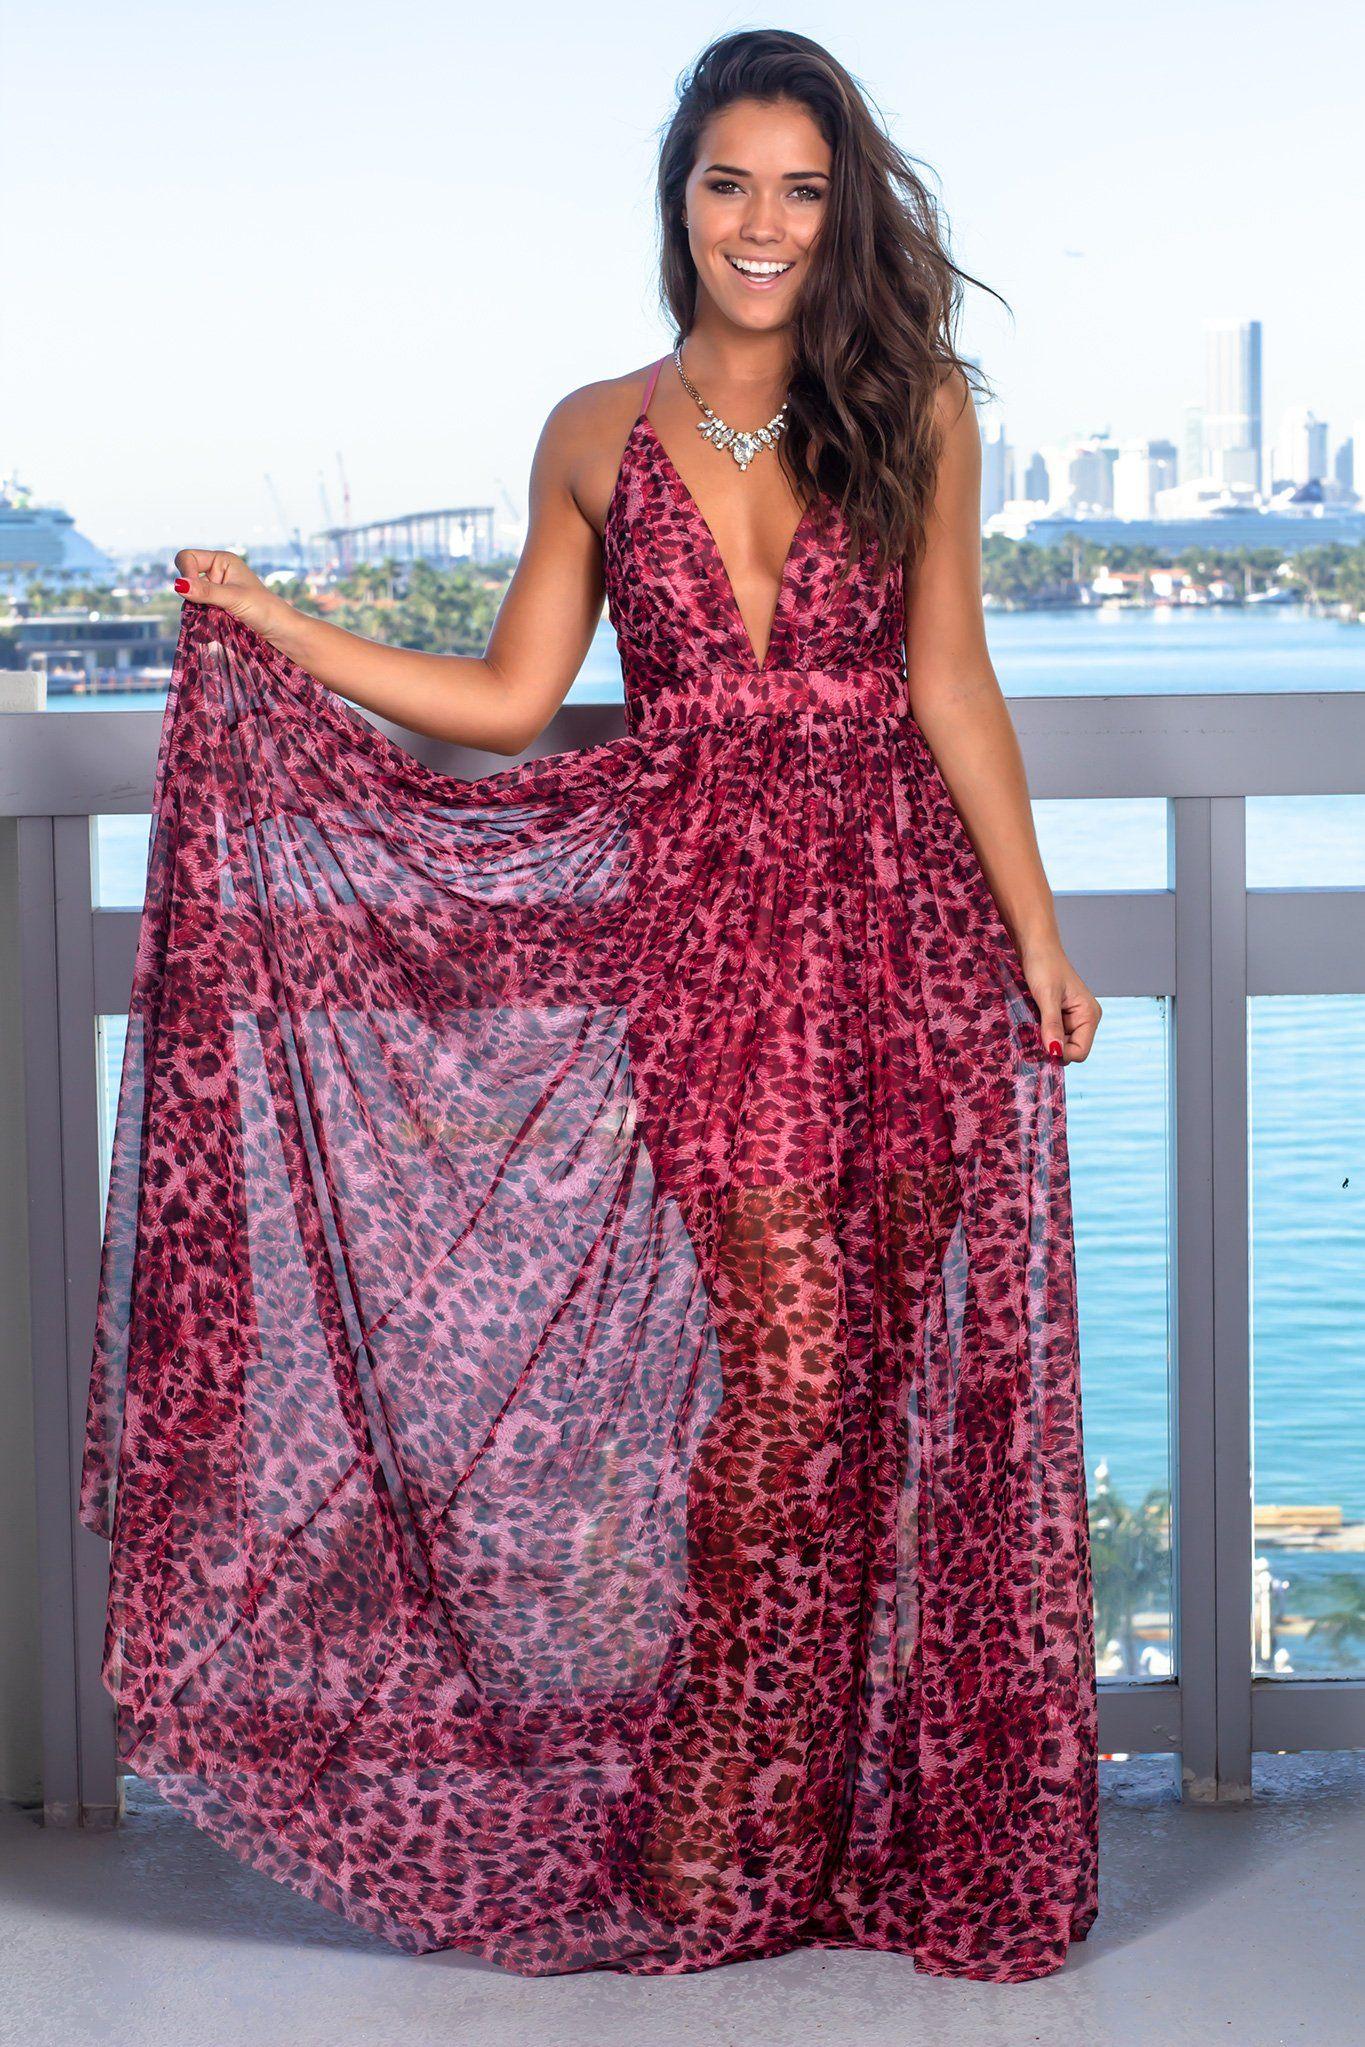 Fuchsia Leopard Print Maxi Dress Leopard Print Maxi Dress Pink Leopard Print Dress Maxi Dress [ 2047 x 1365 Pixel ]